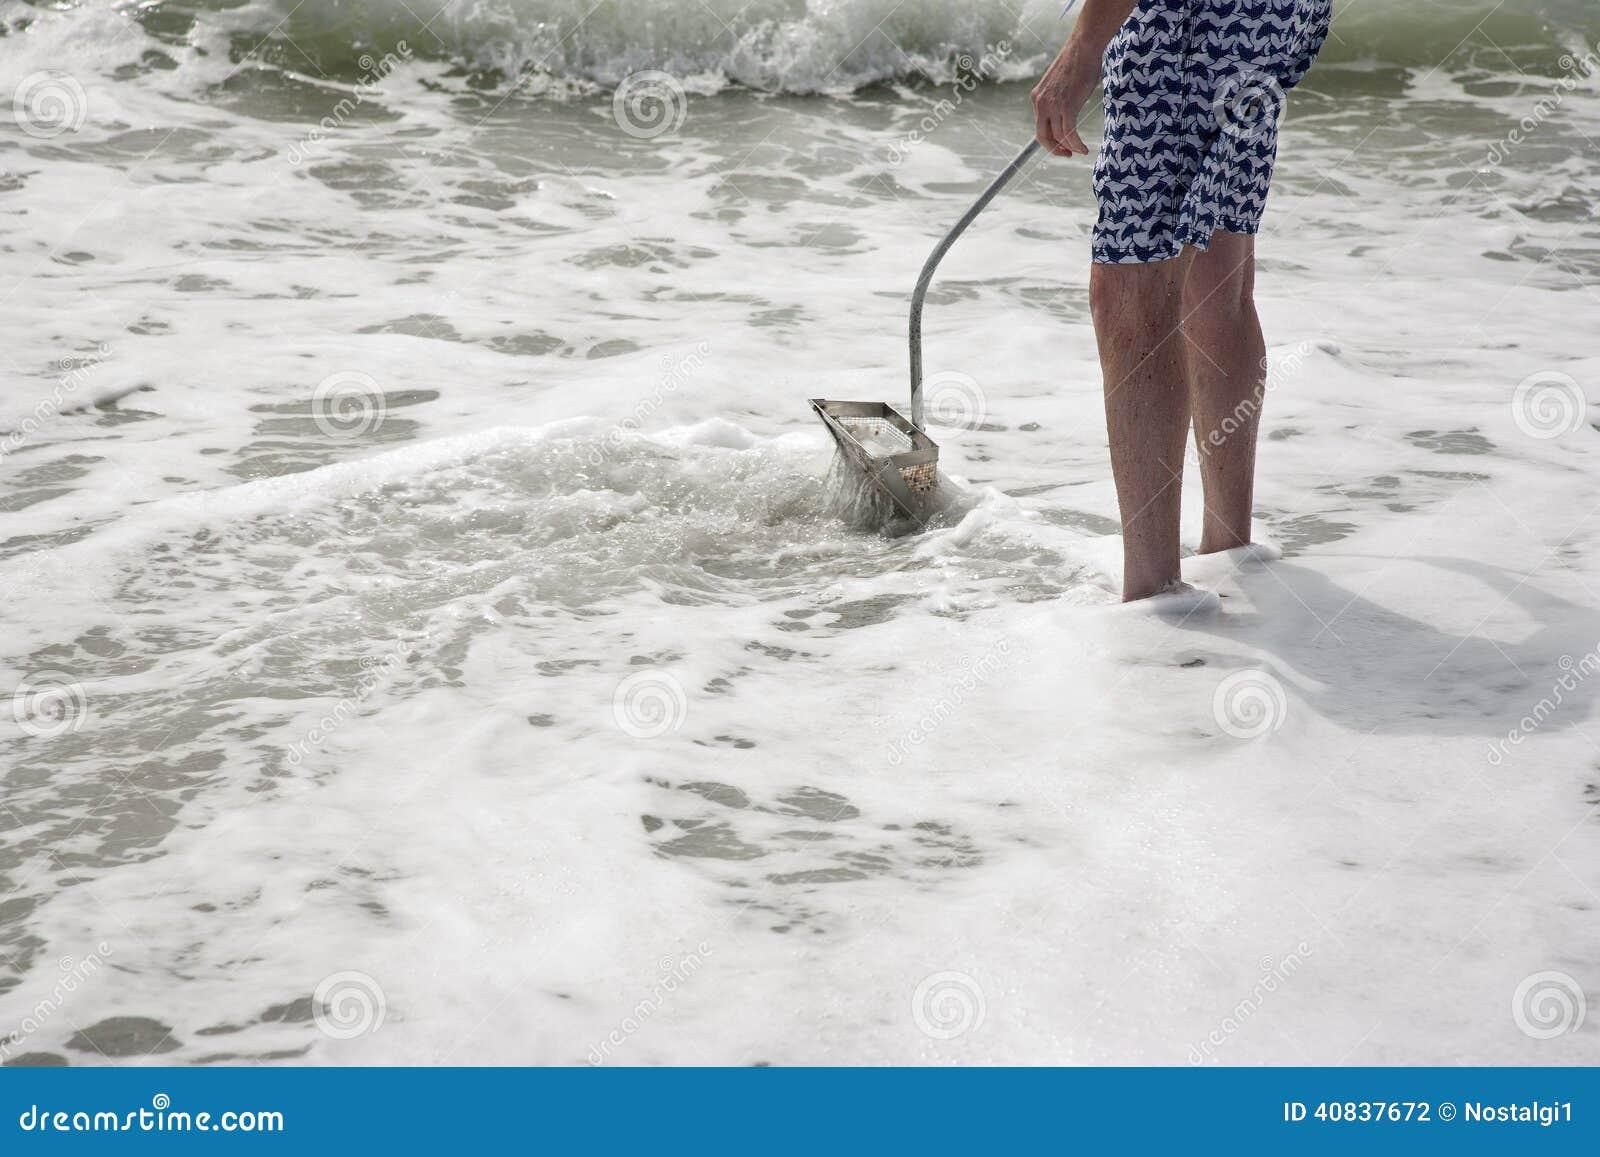 Hunting for shark teeth on Venice beach Florida